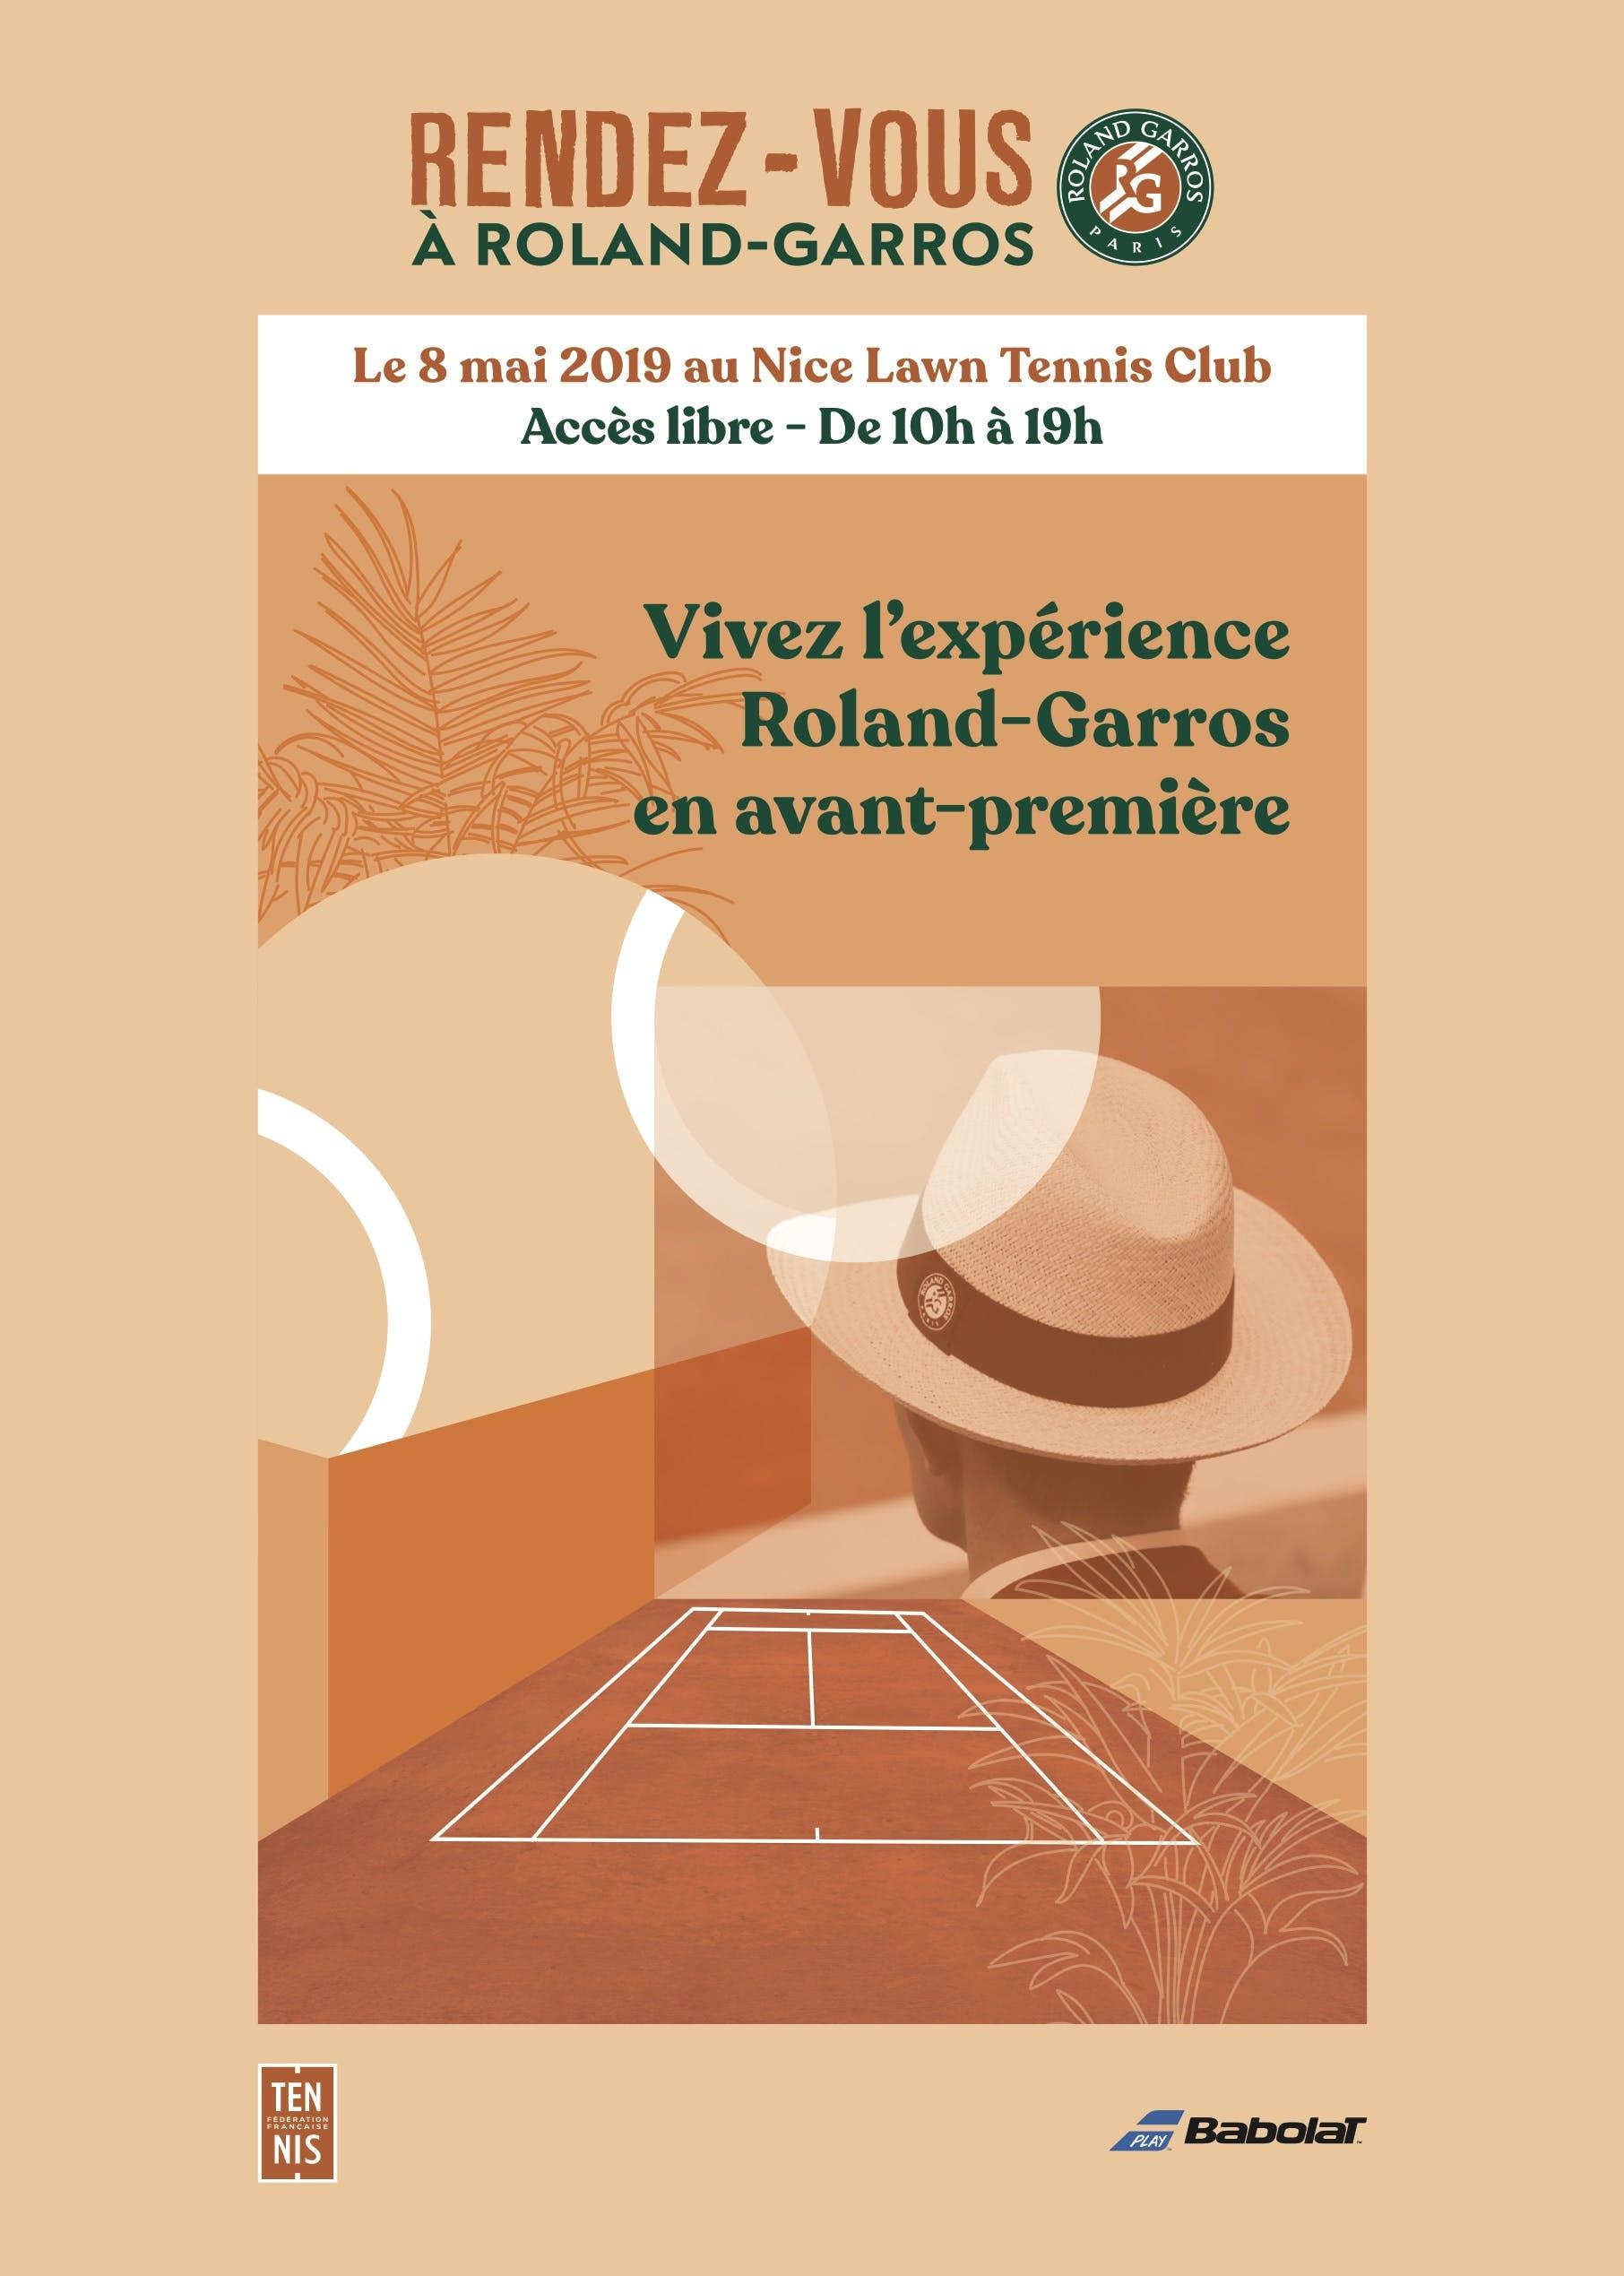 Affiche Rendez-vous à Roland-Garros - Nice